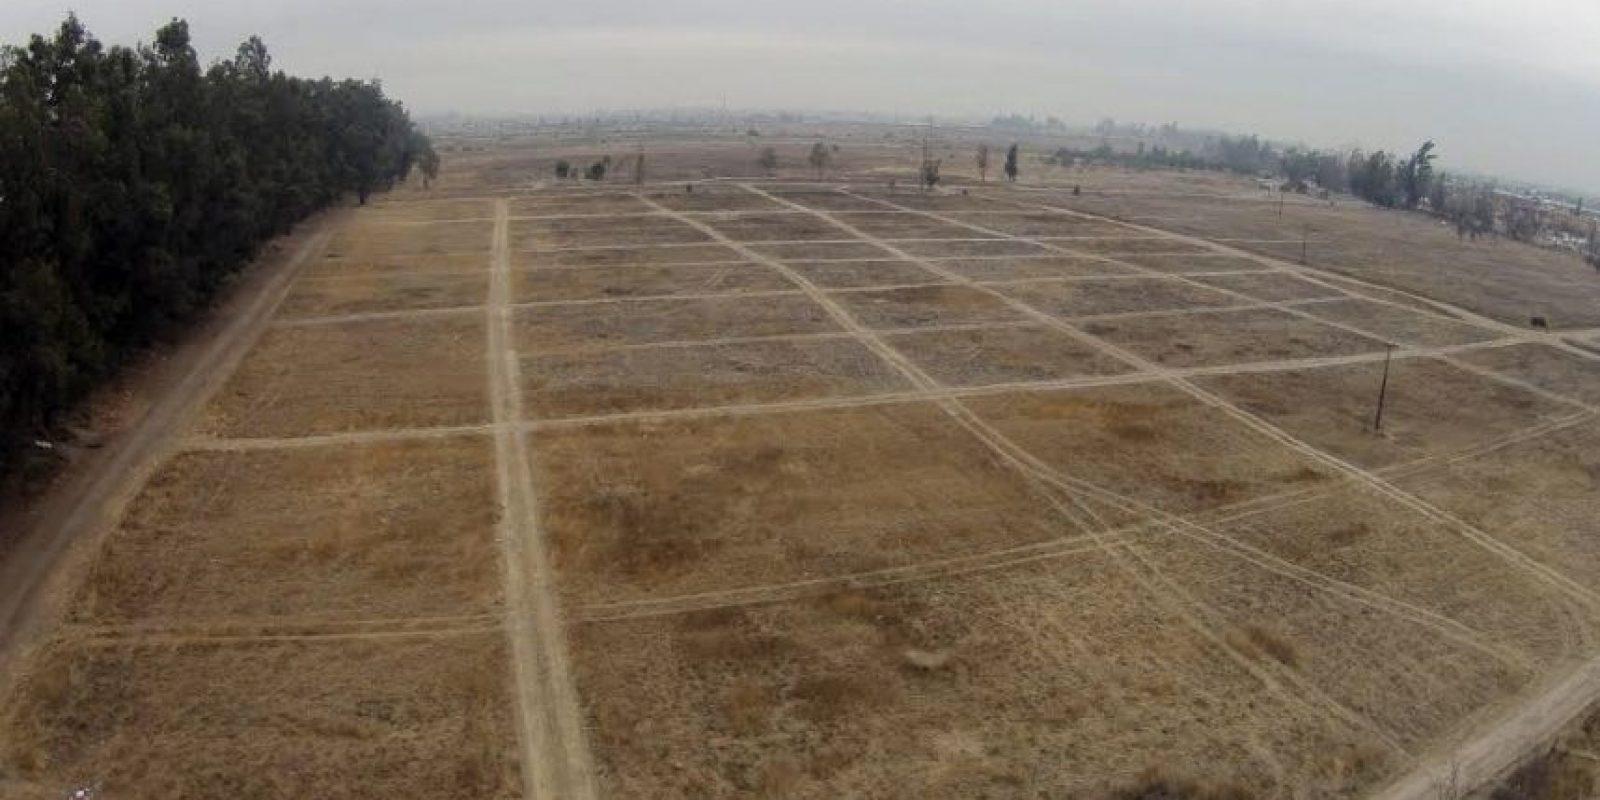 Así luce el terreno donde se construirá el Nuevo Hospital Sótero del Río. Foto:Agencia Uno. Imagen Por: